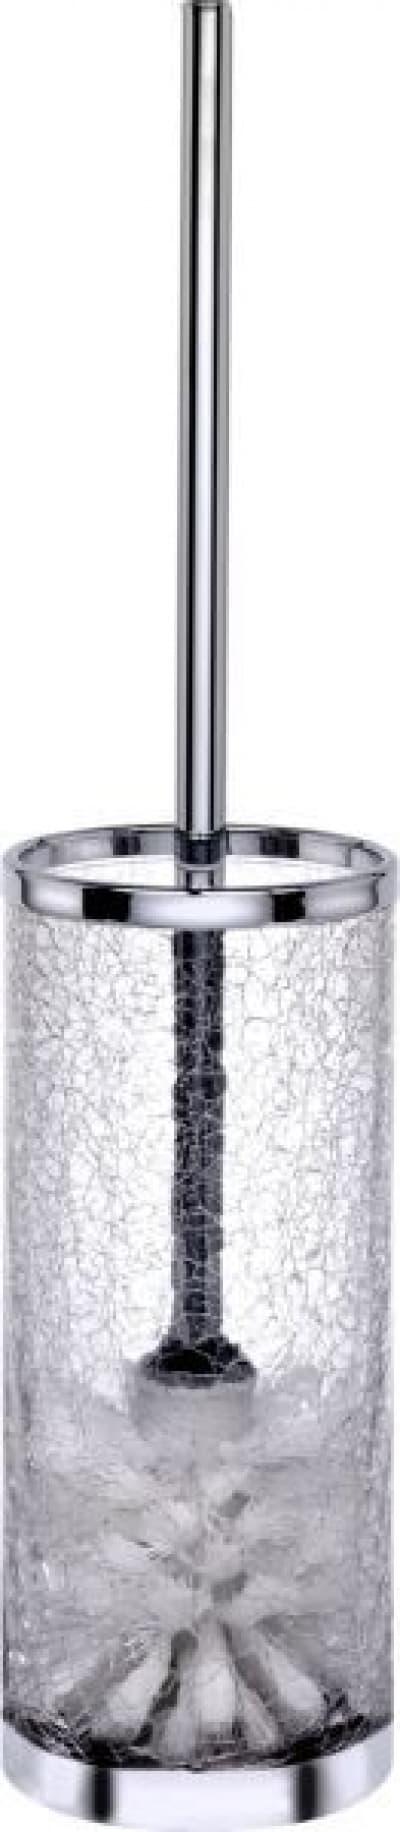 Surya Crystal, напольный ёршик для унитаза без крышки, цвет хром - стекло с эффектом волны 6609/CH-WAV